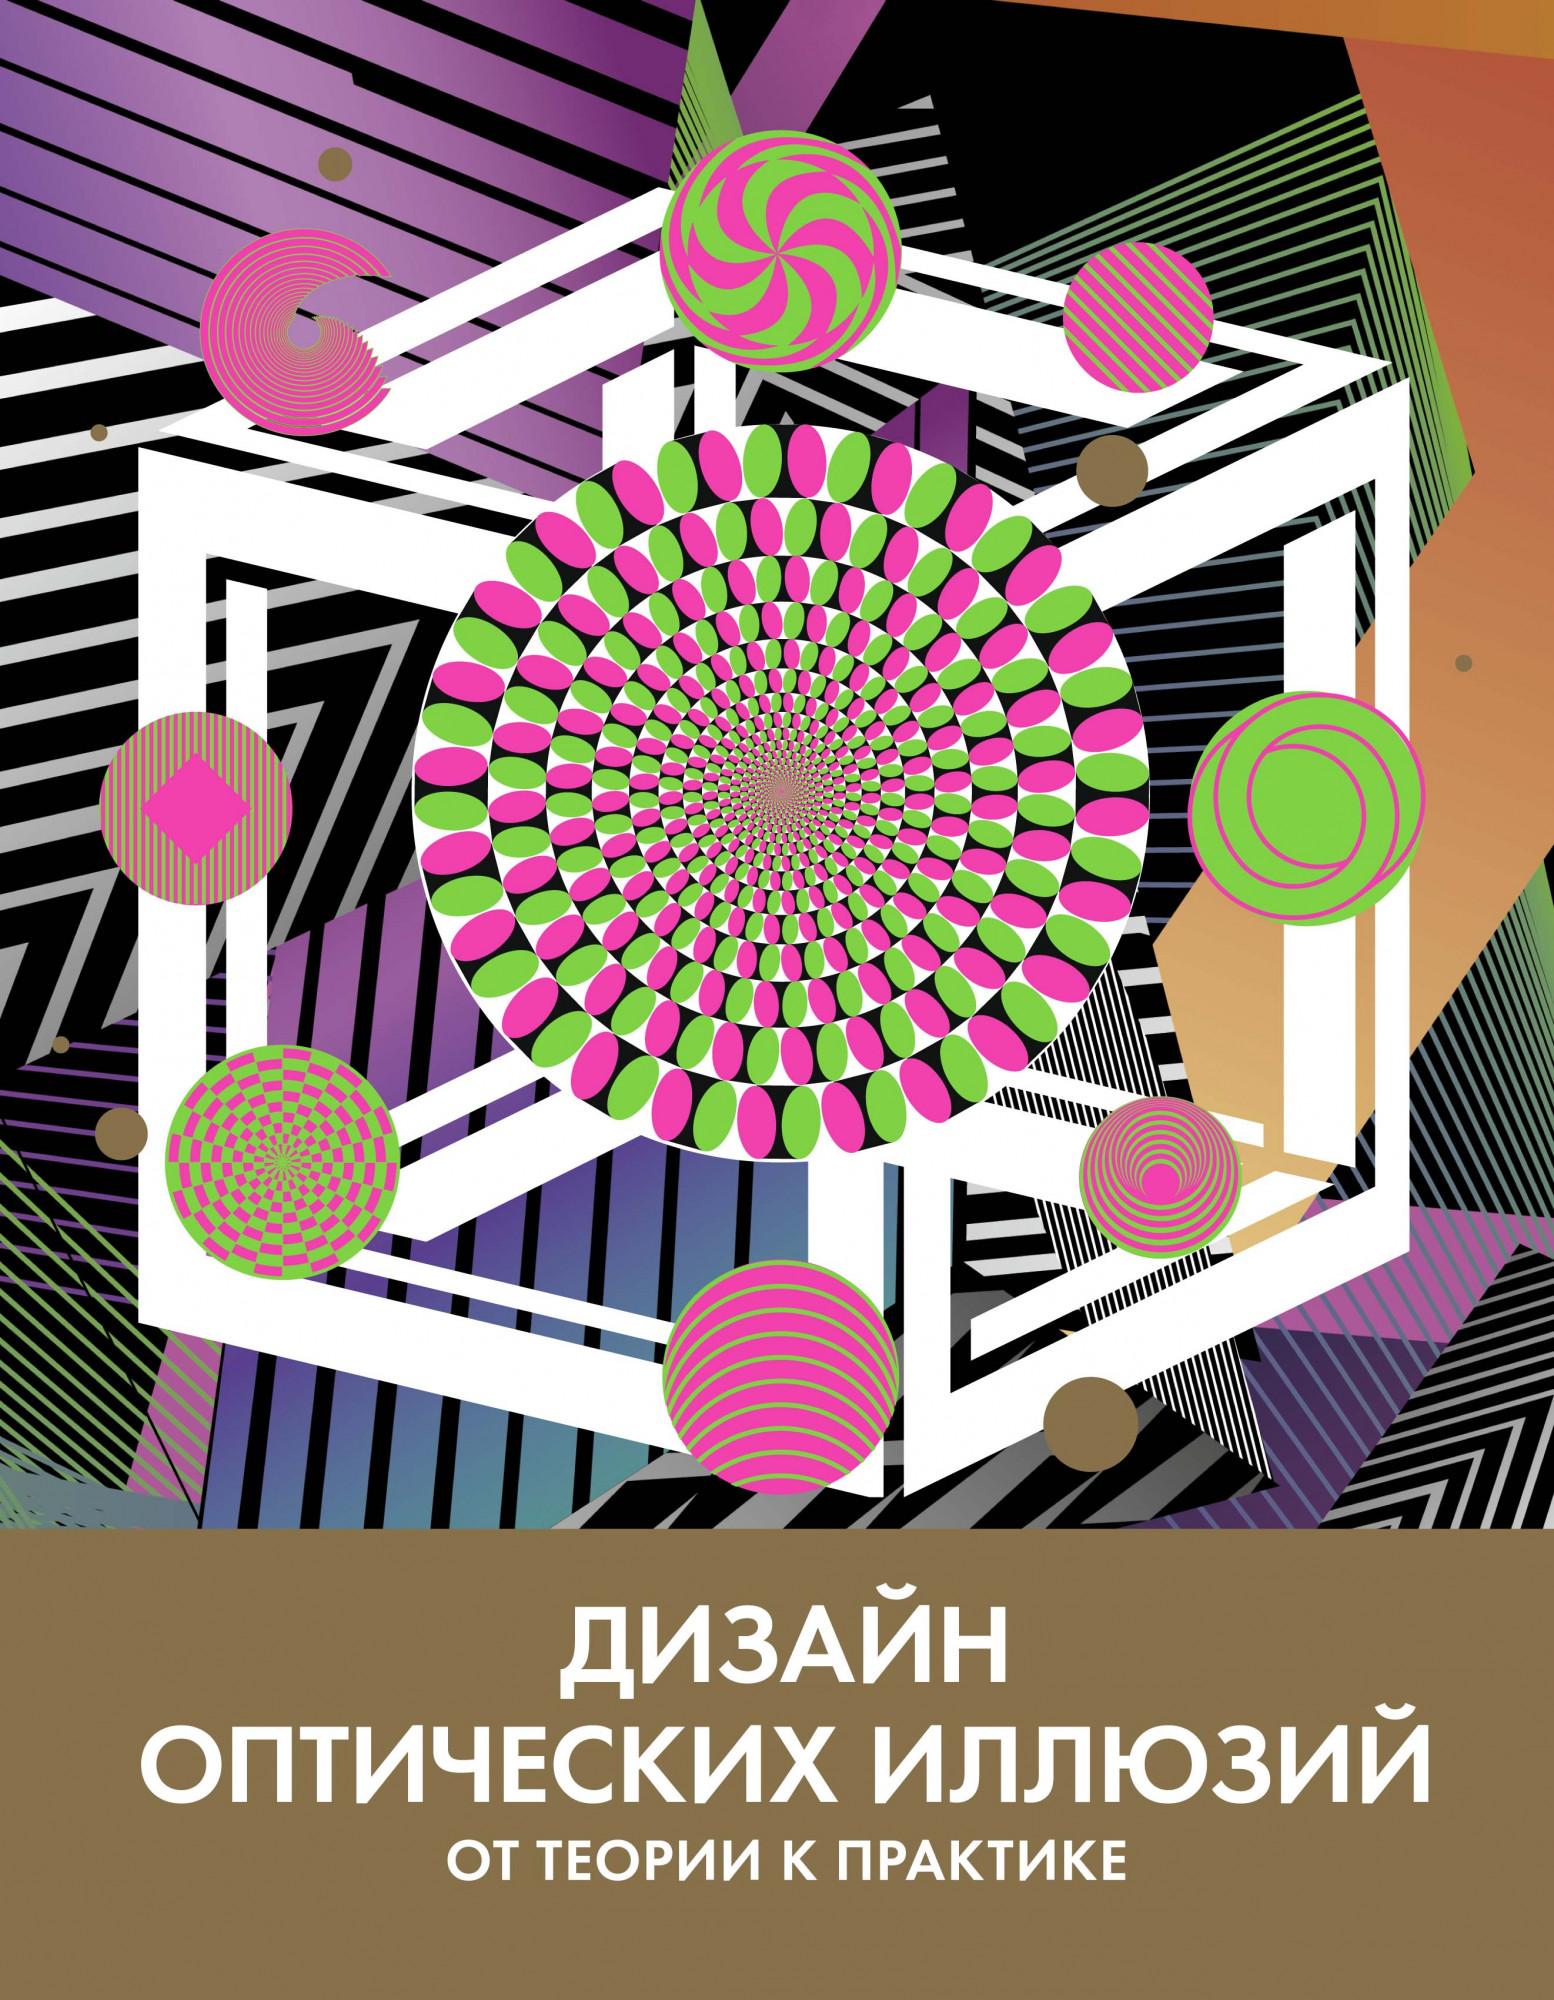 Тони Куболиквидо Дизайн оптических иллюзий: От теории к практике